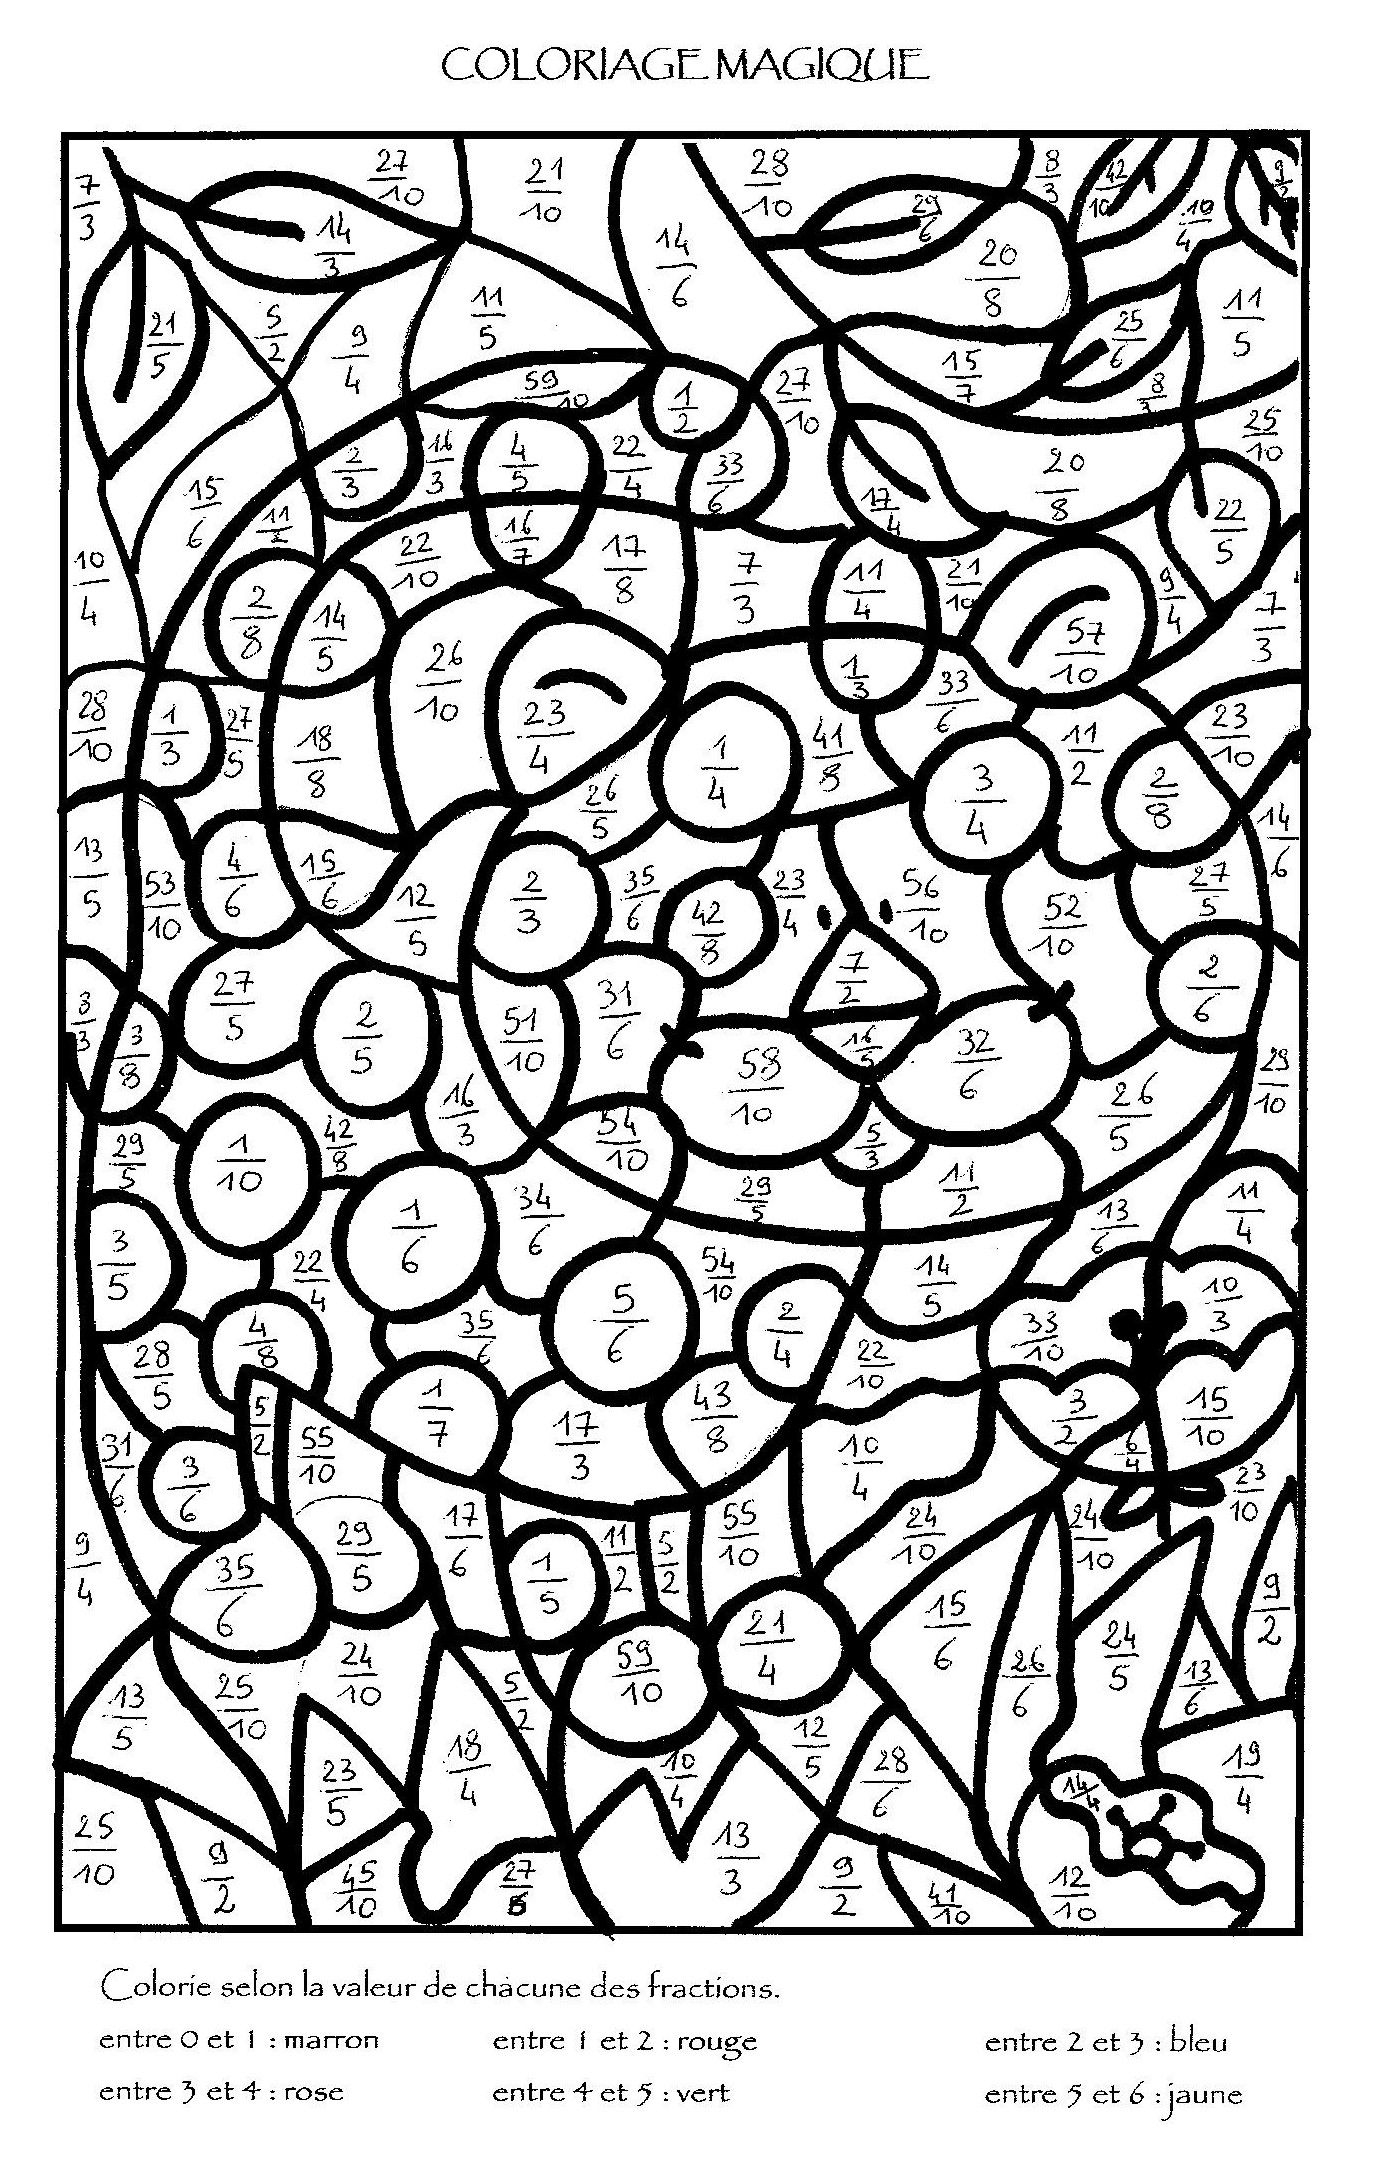 Coloriage Magique Multiplication À Colorier - Dessin À pour Coloriage De Calcul